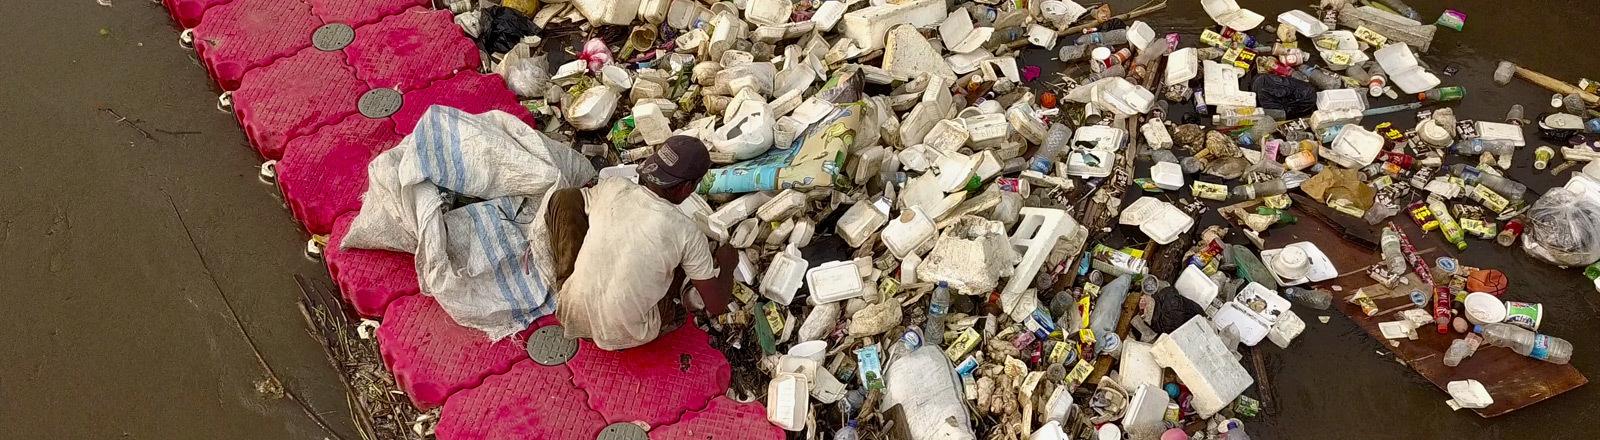 Der indonesische Fluss Citarum gilt als einer der schmutzigsten der Welt.